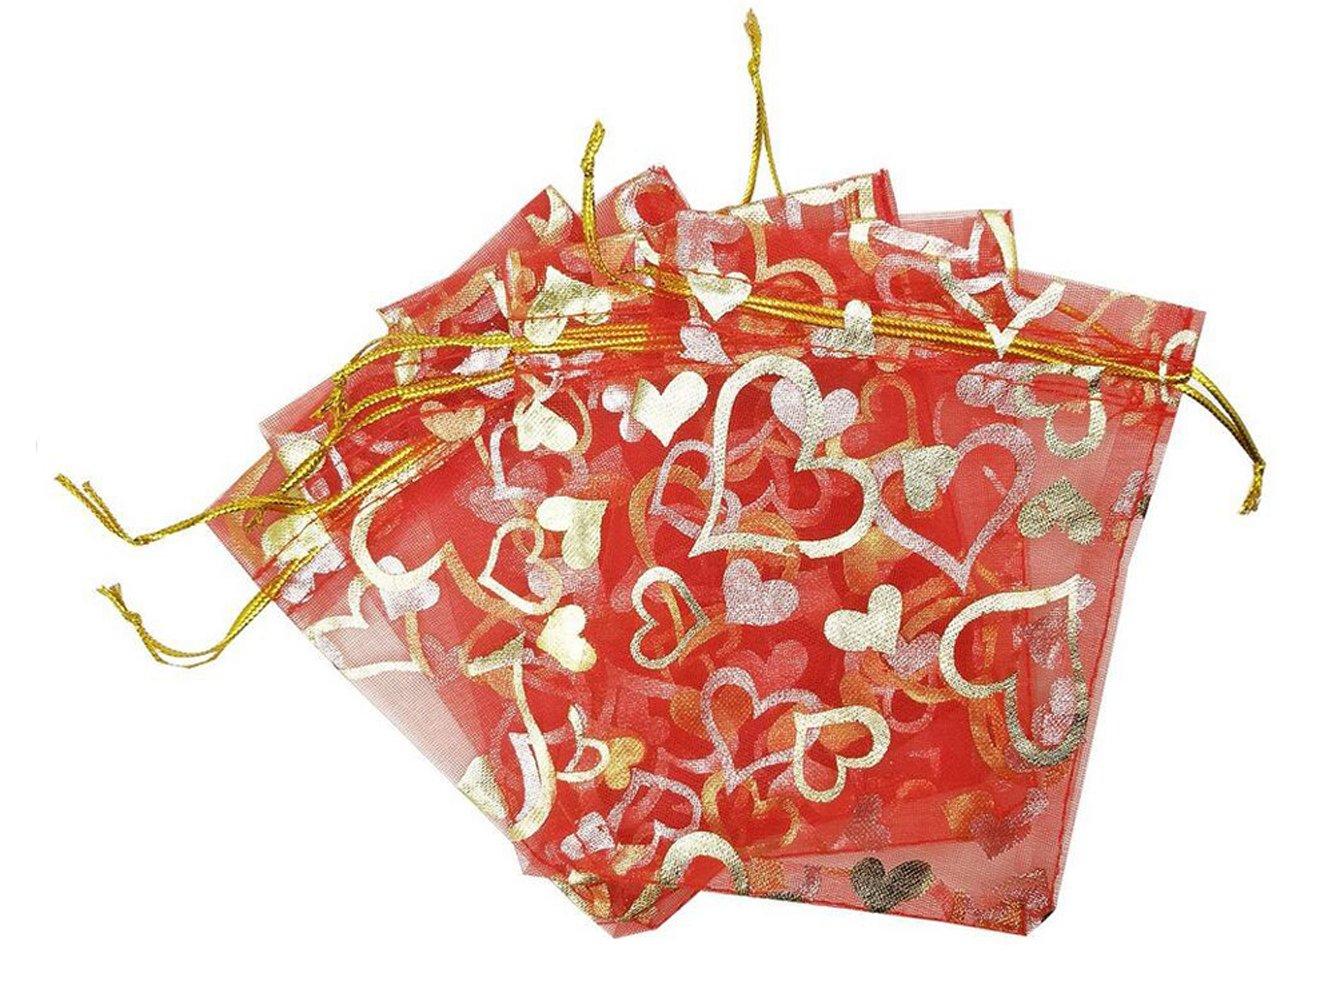 100pcs 12,7x 17,8cm/13cm x 18cm Cœur Imprimé Organza Cordon de serrage Sacs pochettes d'emballage cadeau échantillon écran Tulle poches Wrapper Organiseur de salle de bain pour Candy Bijoux fête mariage Noël dragées, rose rouge, 5'' x 7'' 5''